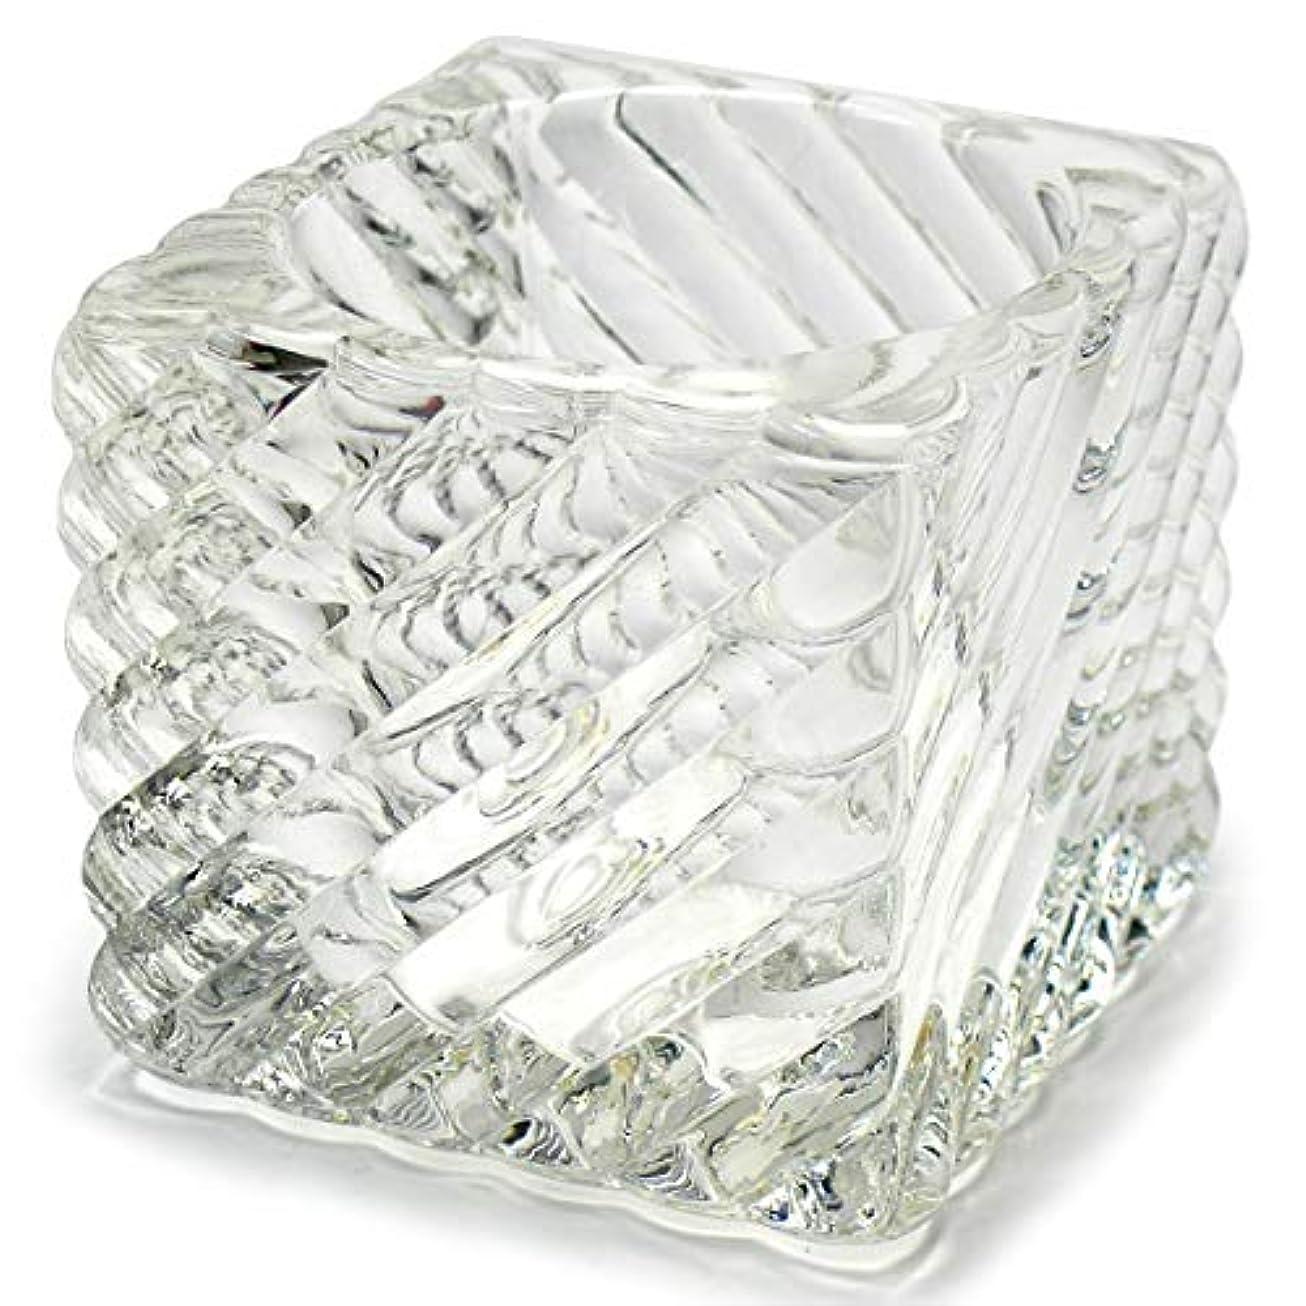 追い出す任意模倣キャンドルホルダー ガラス 1 キャンドルスタンド クリスマス ティーキャンドル 誕生日 記念日